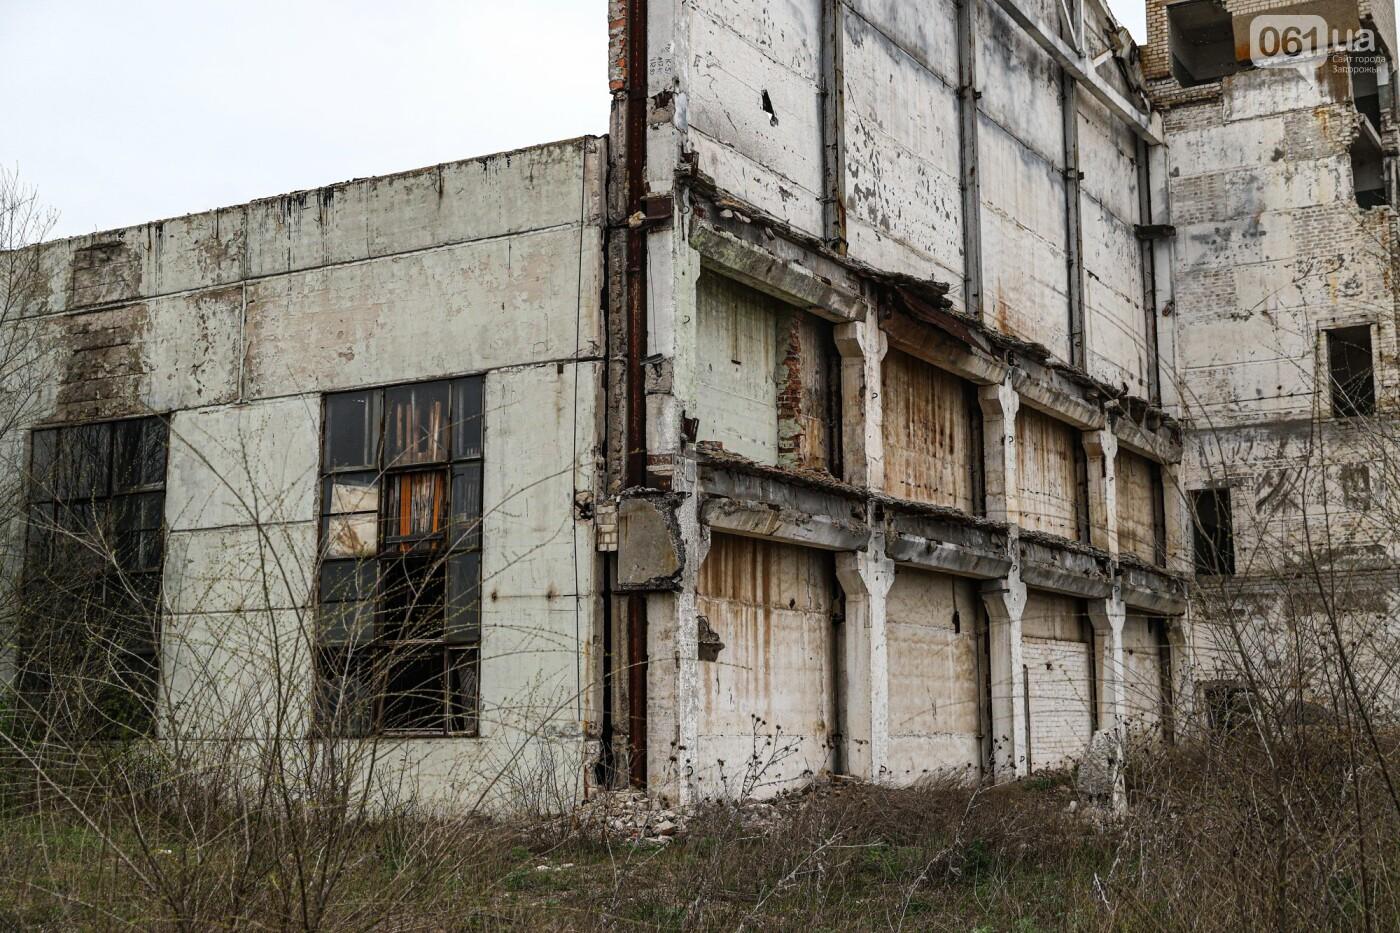 В Степногорске пытаются разобрать на металлолом шахту - промплощадка ГОКа превратилась в руины, - ФОТОРЕПОРТАЖ , фото-32